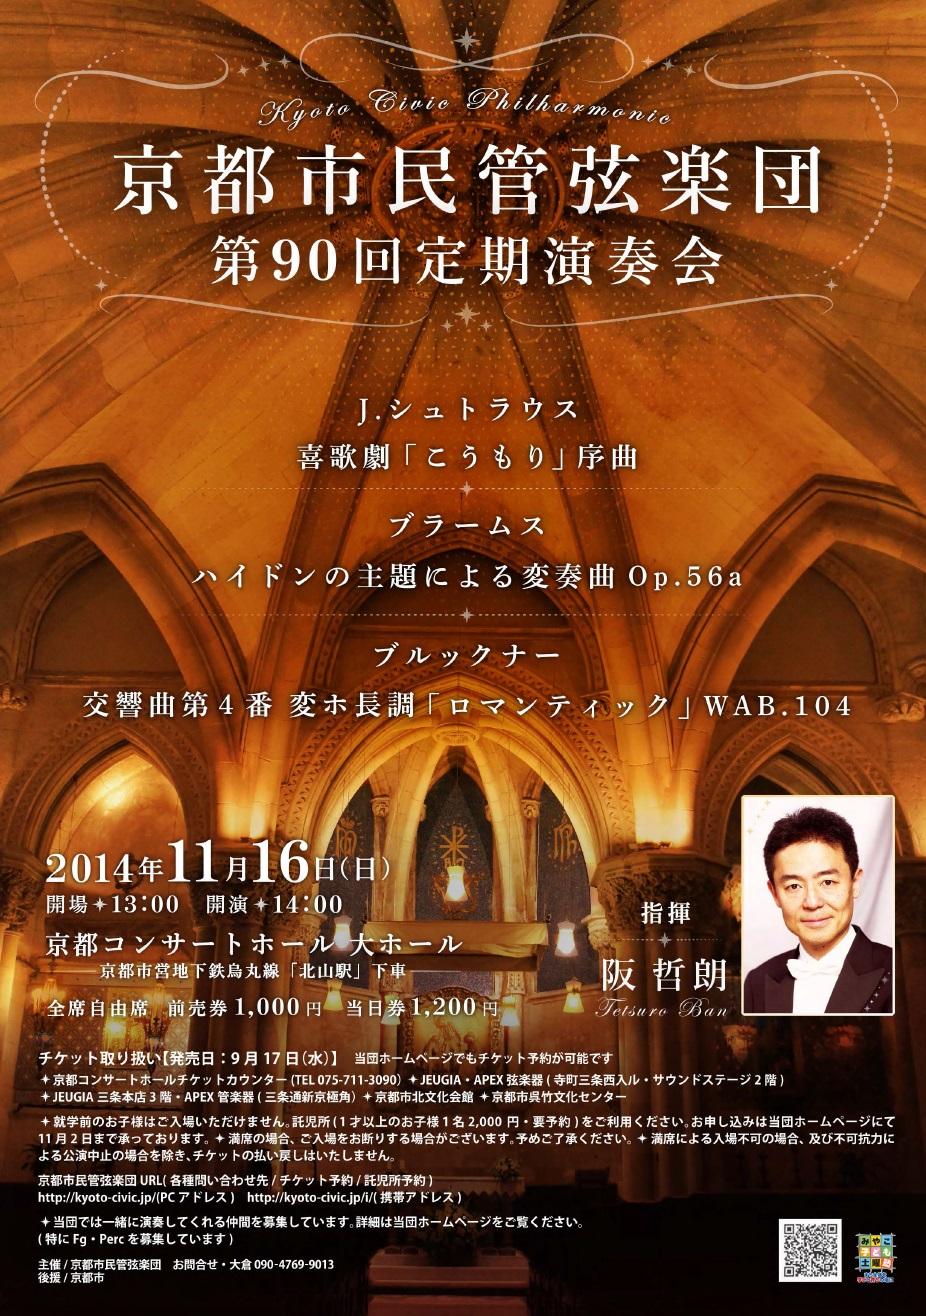 京都市民管弦楽団第90回定期演奏会のお知らせ